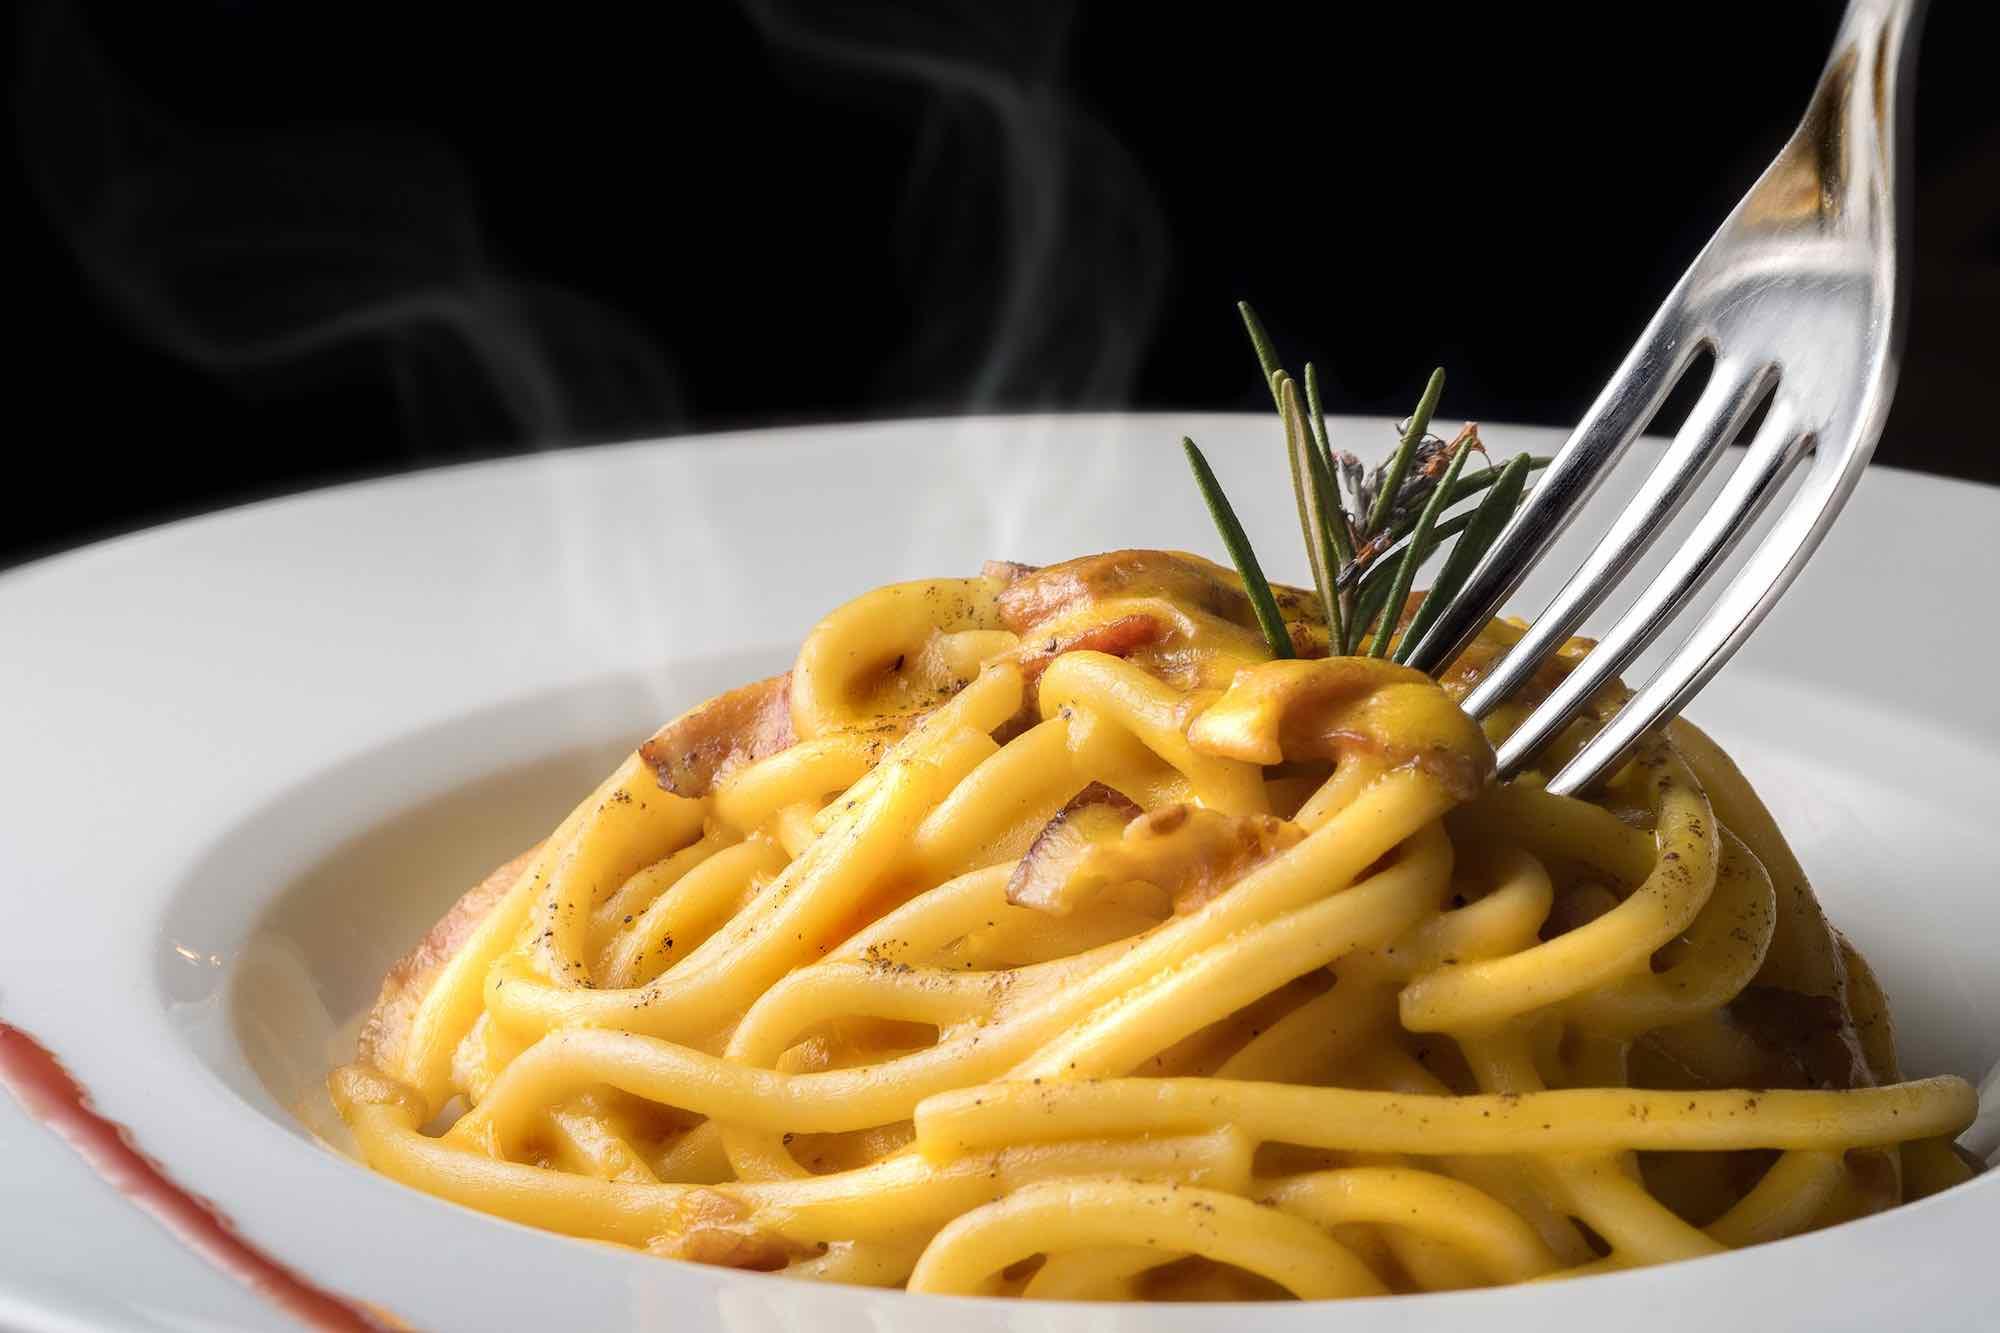 Carbonara alla Bisteccheria Santa Croce, ristorante a Firenze